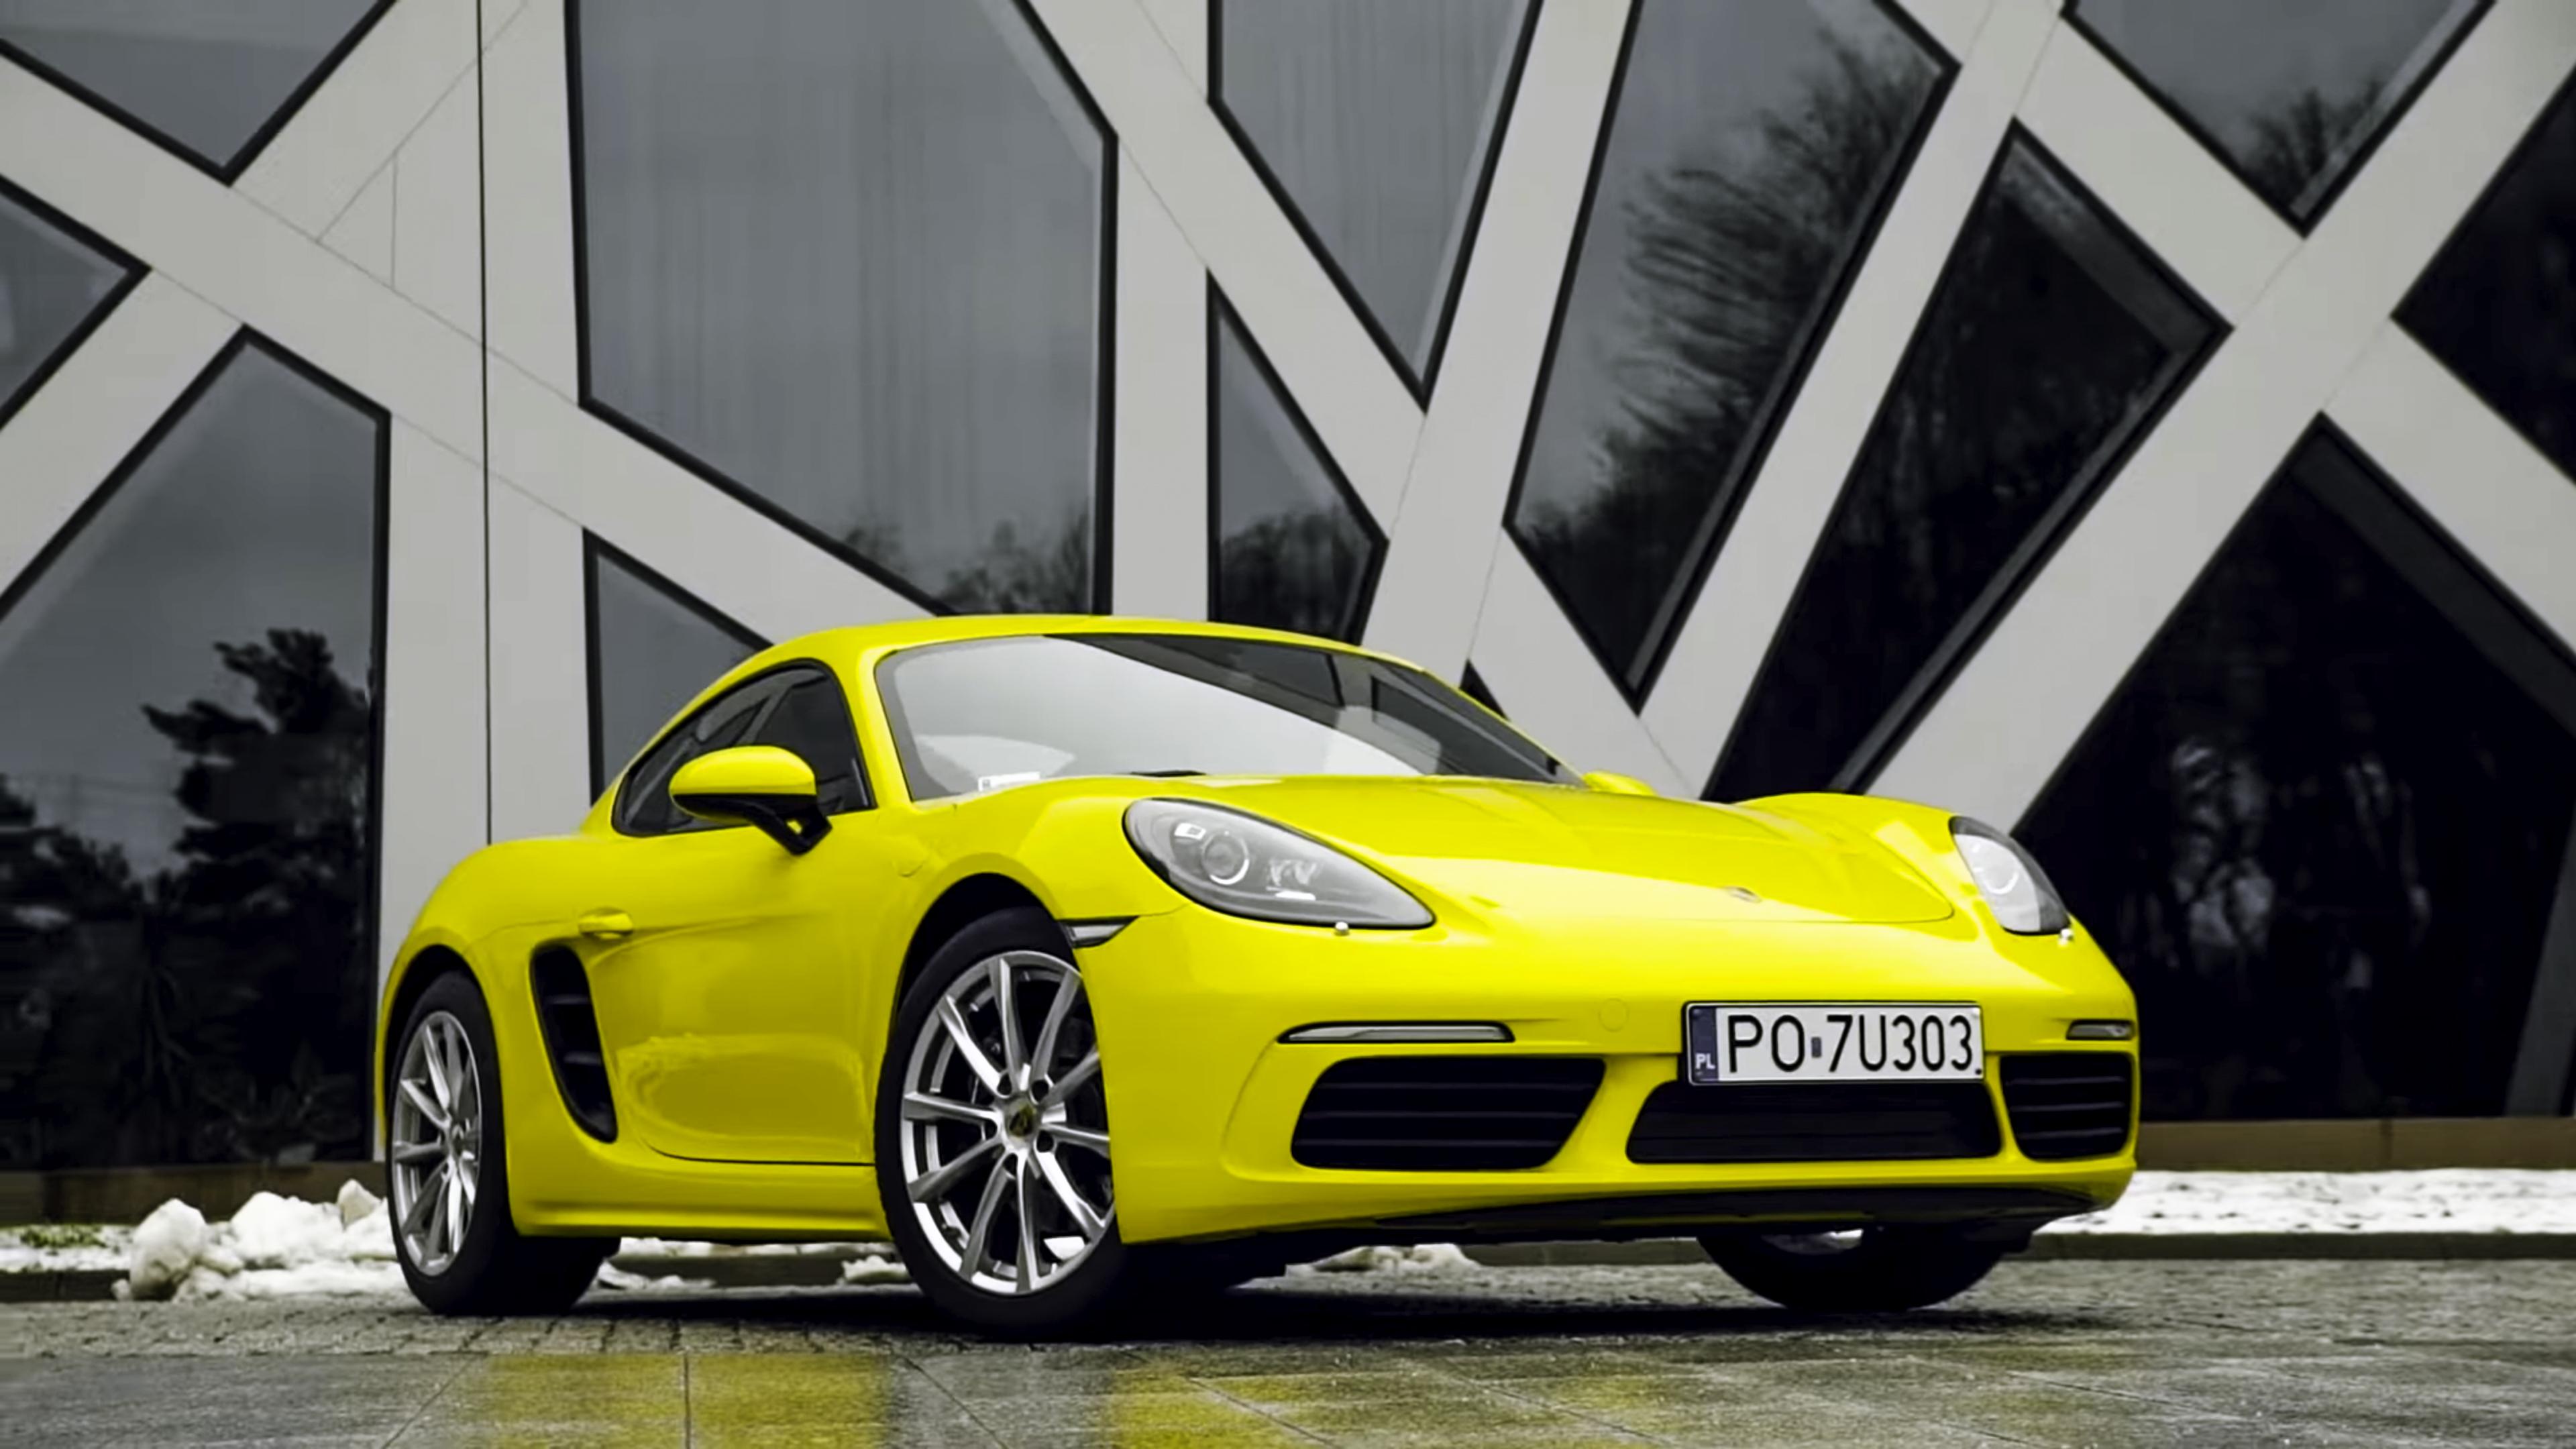 Zatankowani TV odc. 2: Wrak Race, Porsche 718 Cayman i Disco VR